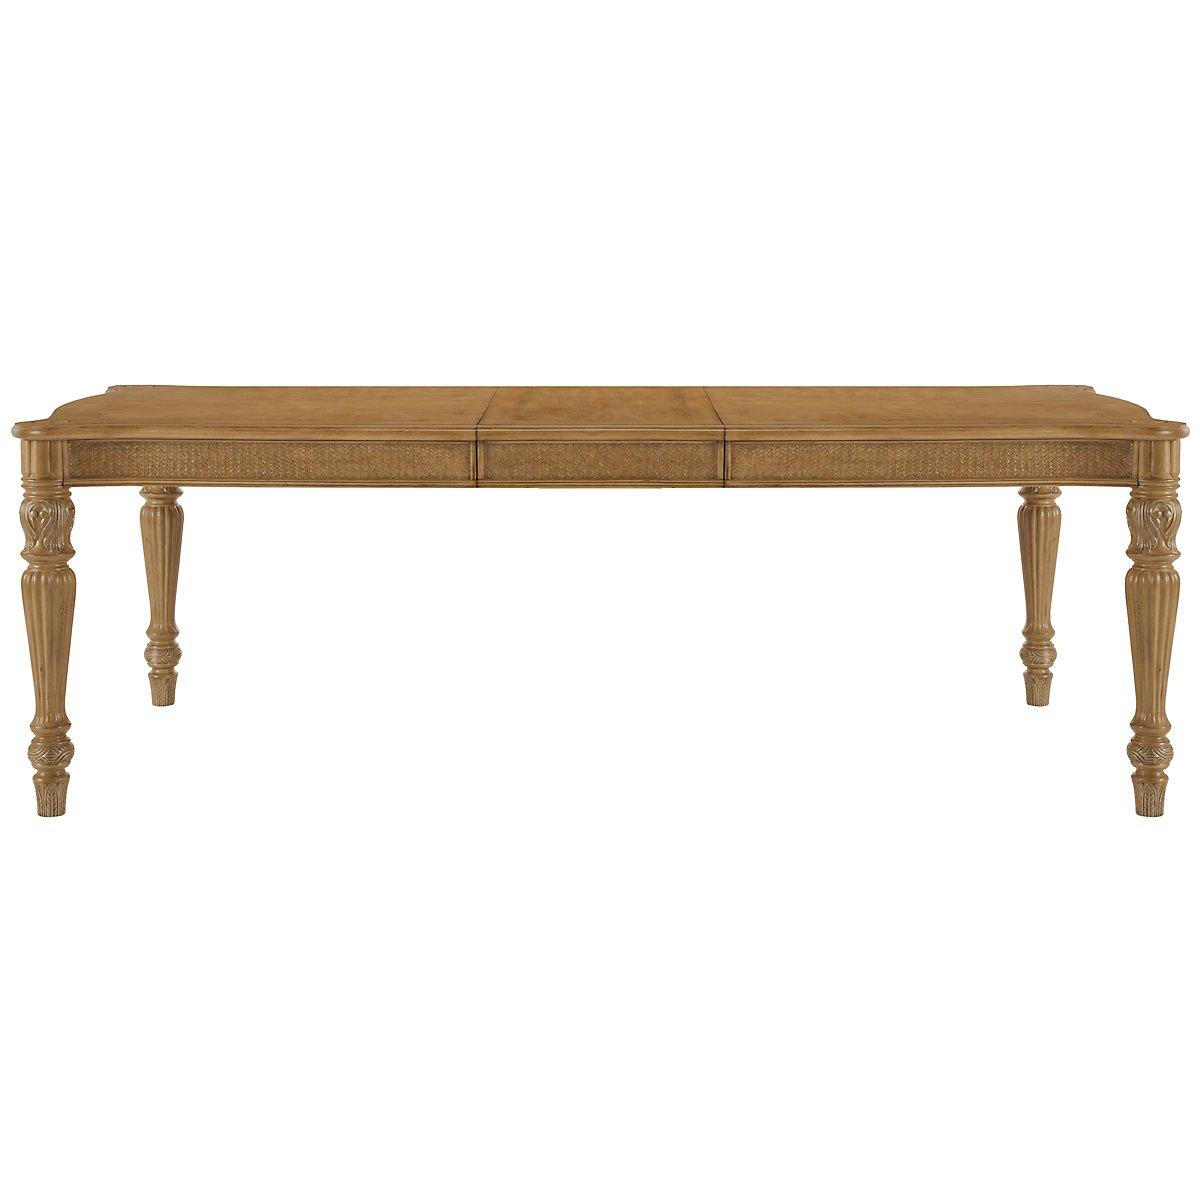 Tradewinds Light Tone Rectangular Table